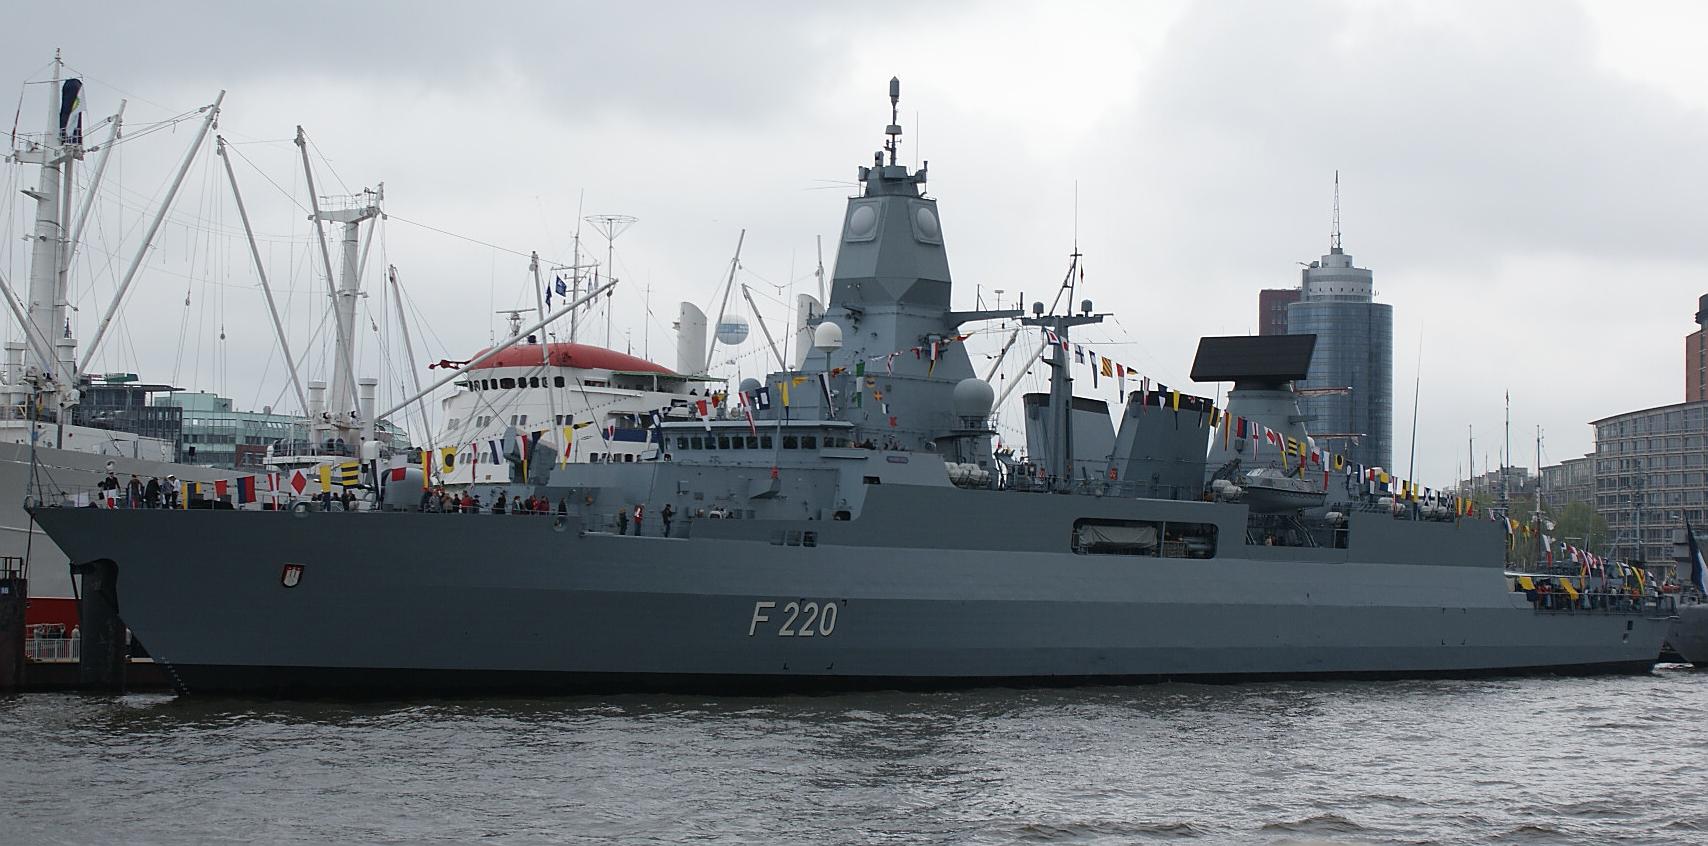 Fregatte F220 Hamburg beim Hafengeburtstag in Hamburg